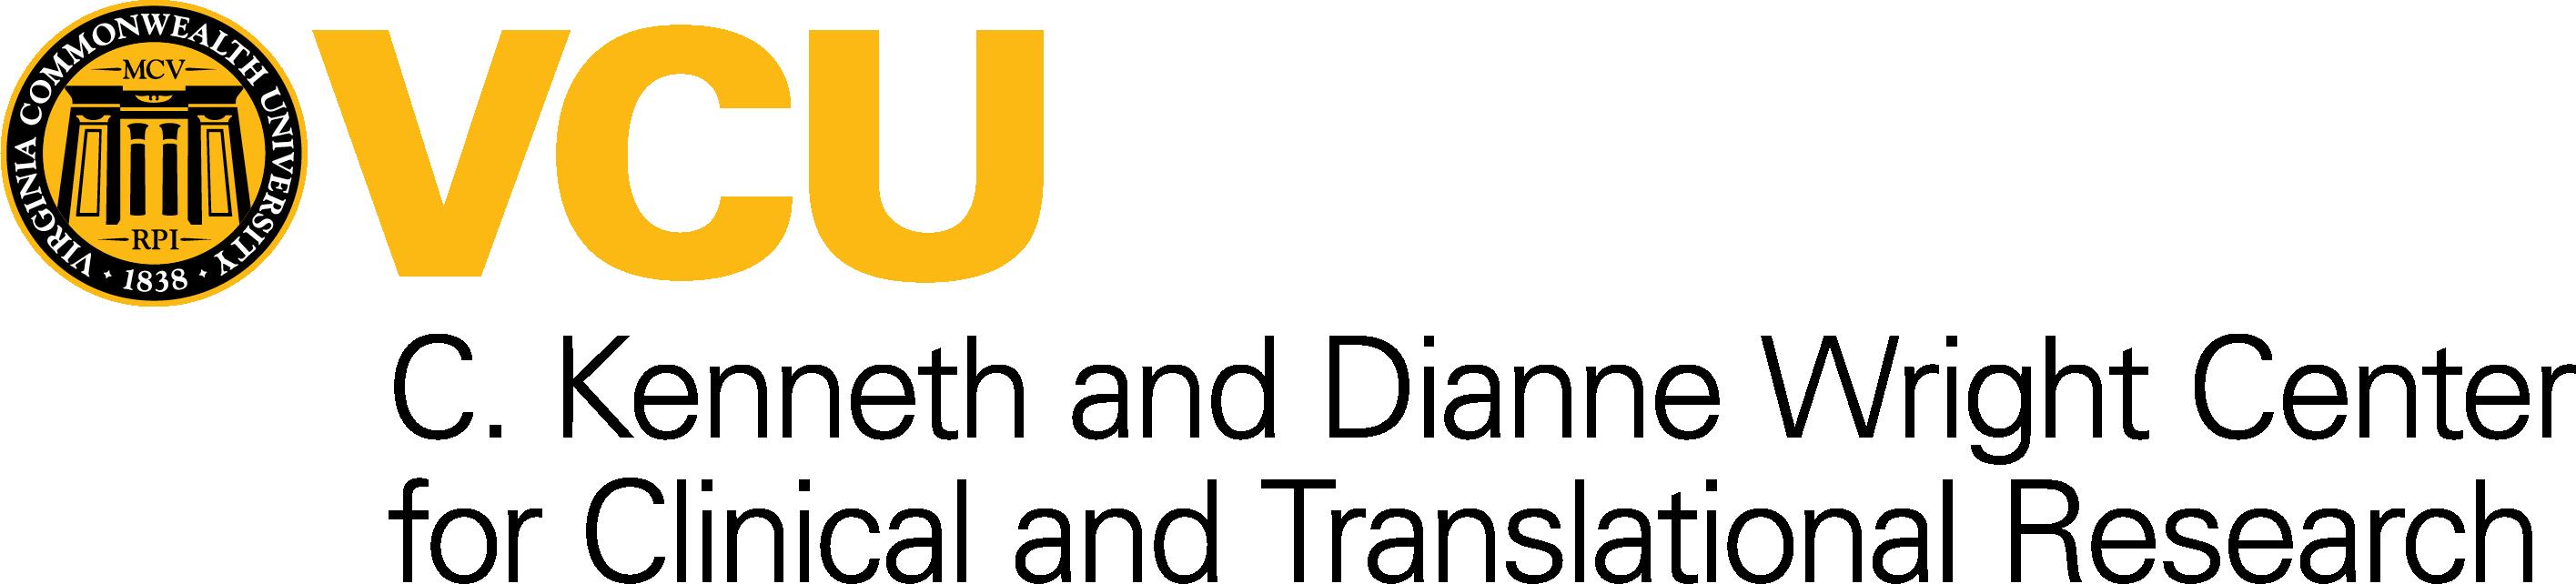 Wright Center brandmark